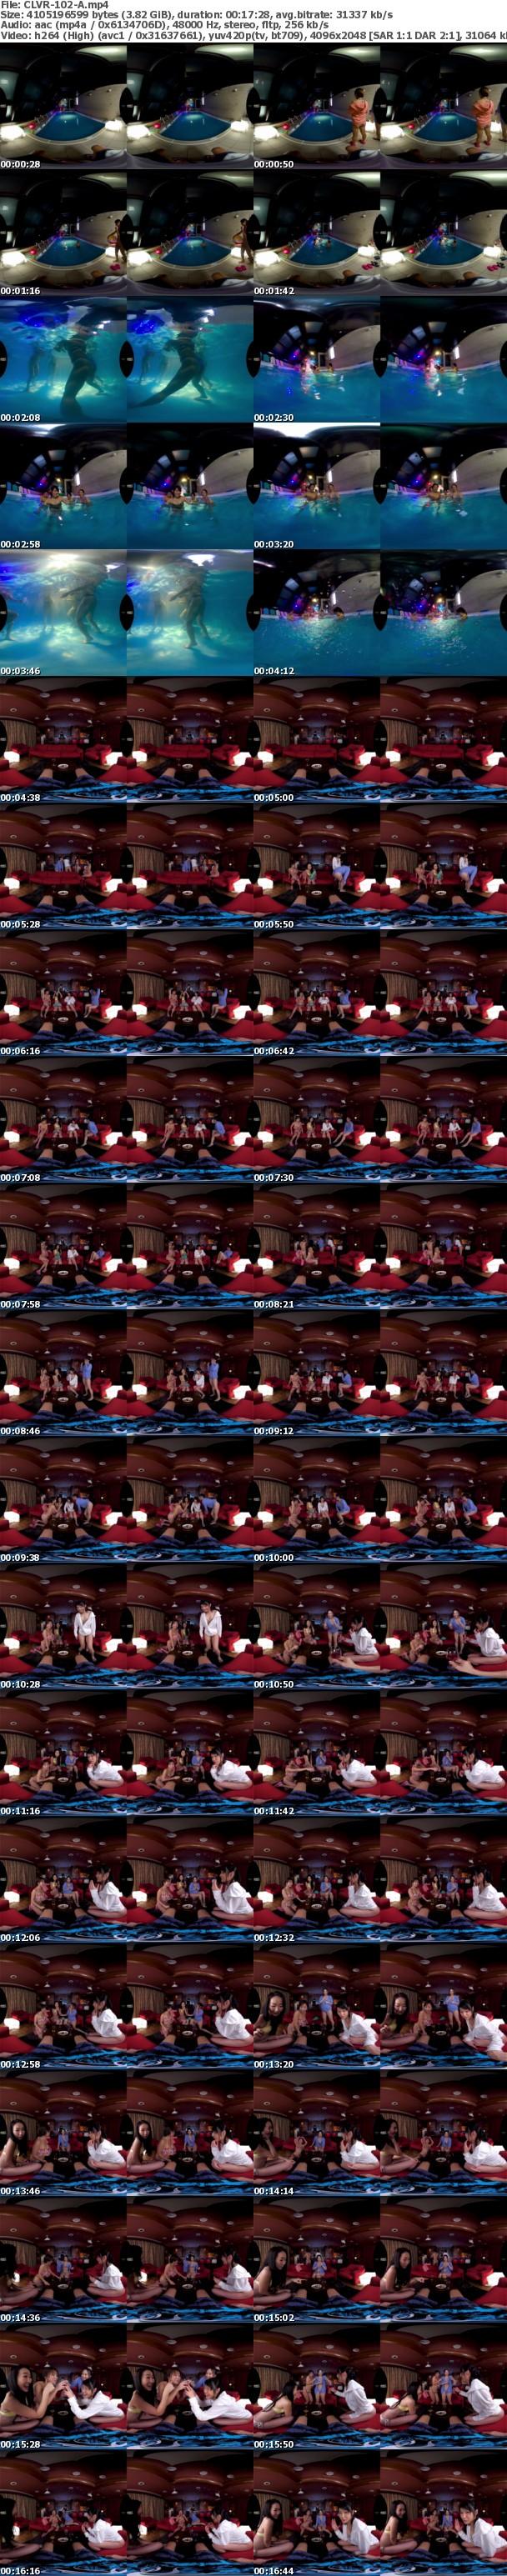 (VR) CLVR-102 水着ギャルとハーレムSEX in ナイトプールVR!! プール内<ワニ族>ガン見視点もちょっぴり収録!突然の豪雨でびしょ濡れギャルから逆ナン5P展開!!